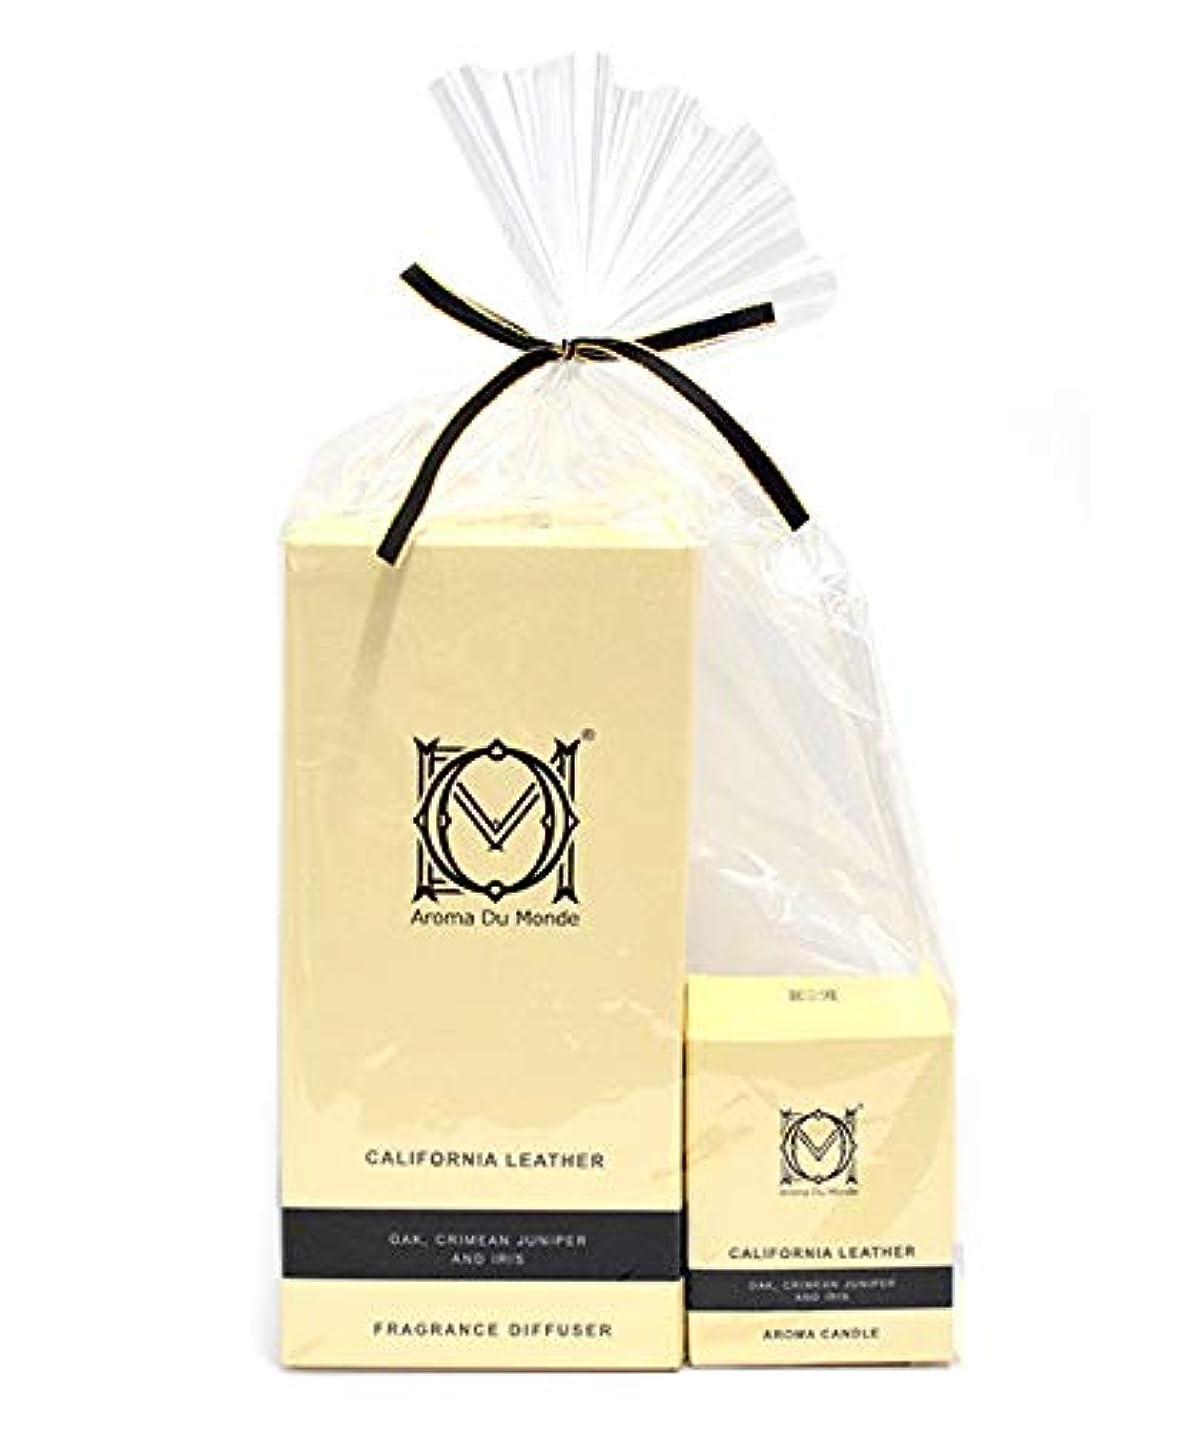 予見するフロント遅れフレグランスディフューザー&キャンドル カリフォルニアレザー セット Aroma Du Monde/ADM Fragrance Diffuser & Candle California Leather Set 81159